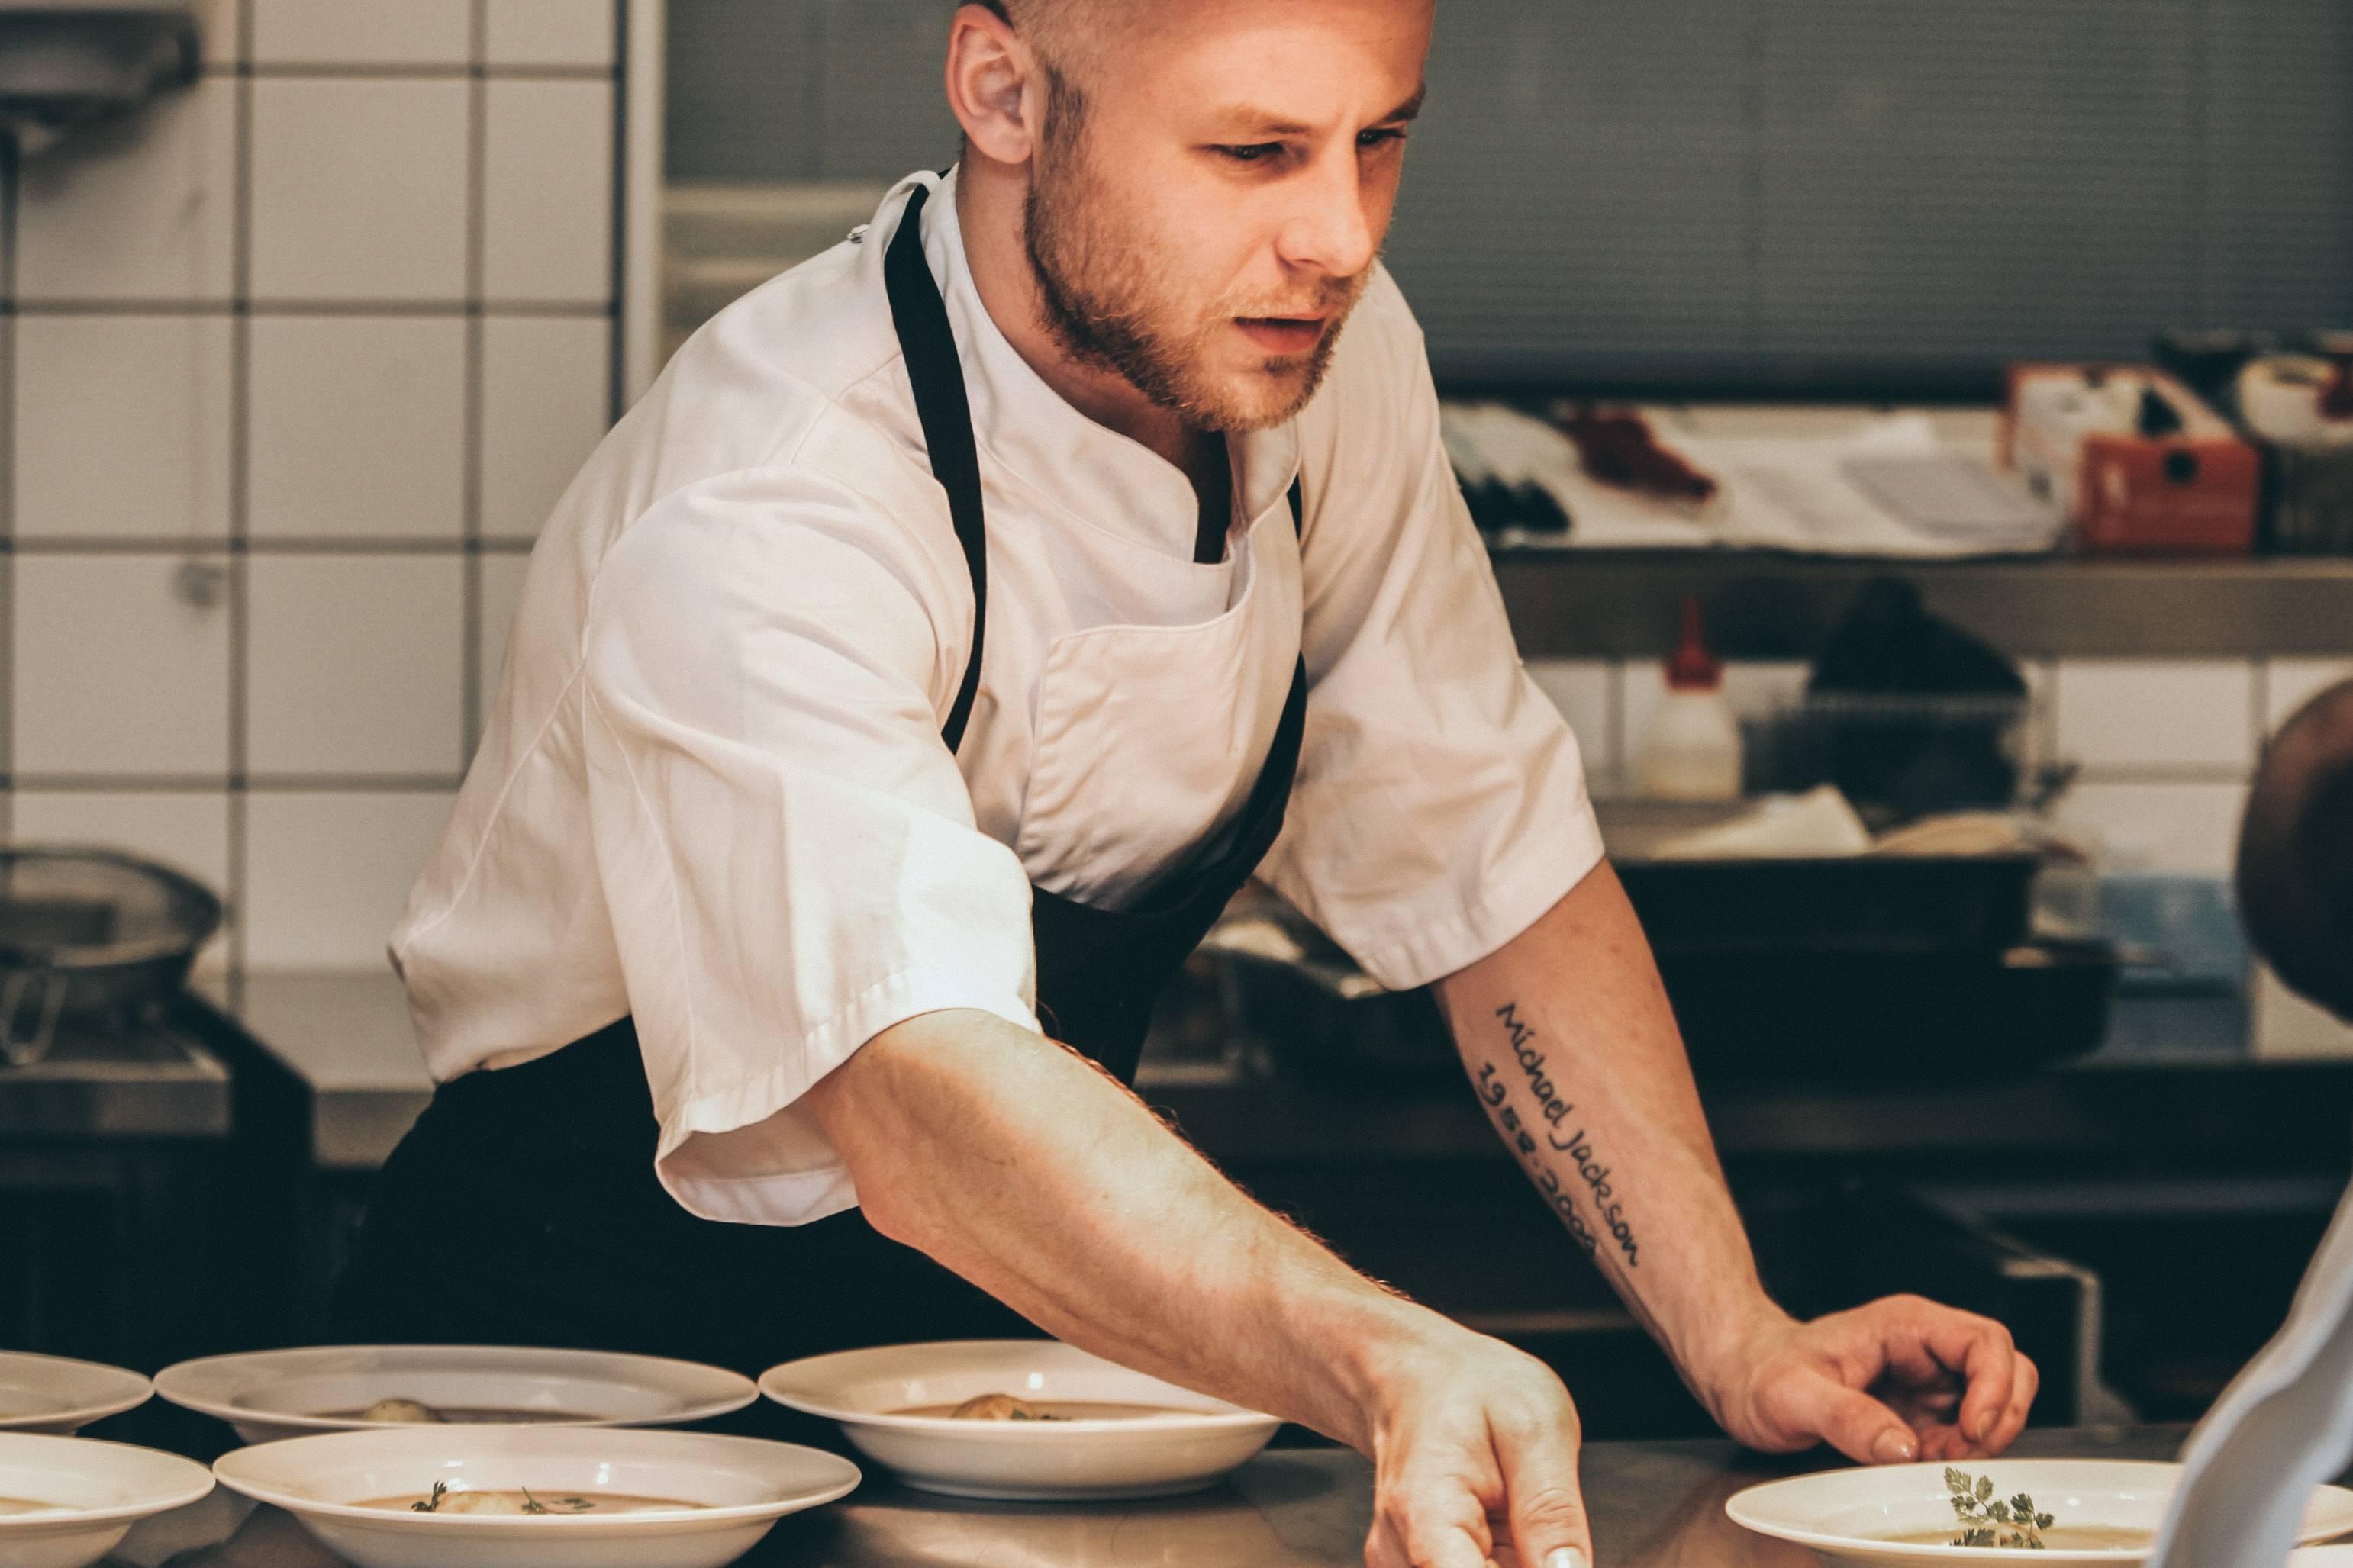 In samenwerking met de chef kok en of de souschef ben jij verantwoordelijk voor het samenstellen en bereiden van schotels, gerechten en/of maaltijden. Dit doe je met alle liefde om de gast optimaal te laten genieten van jouw gerecht!